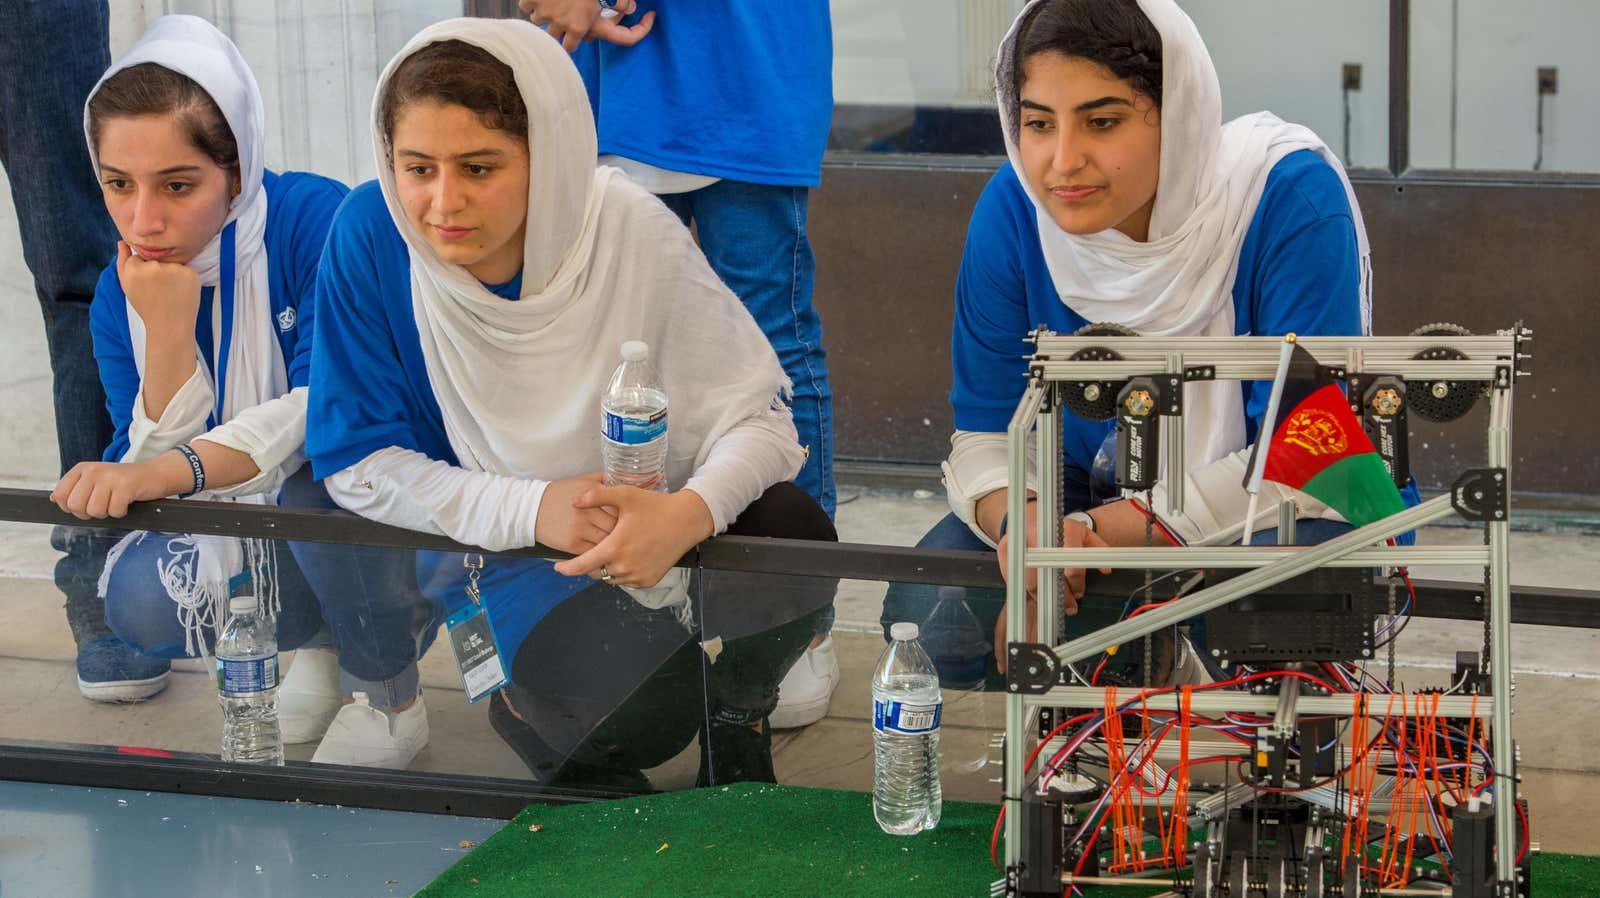 Афганская женская команда по робототехнике пытается сбежать из страны. Пока безуспешно